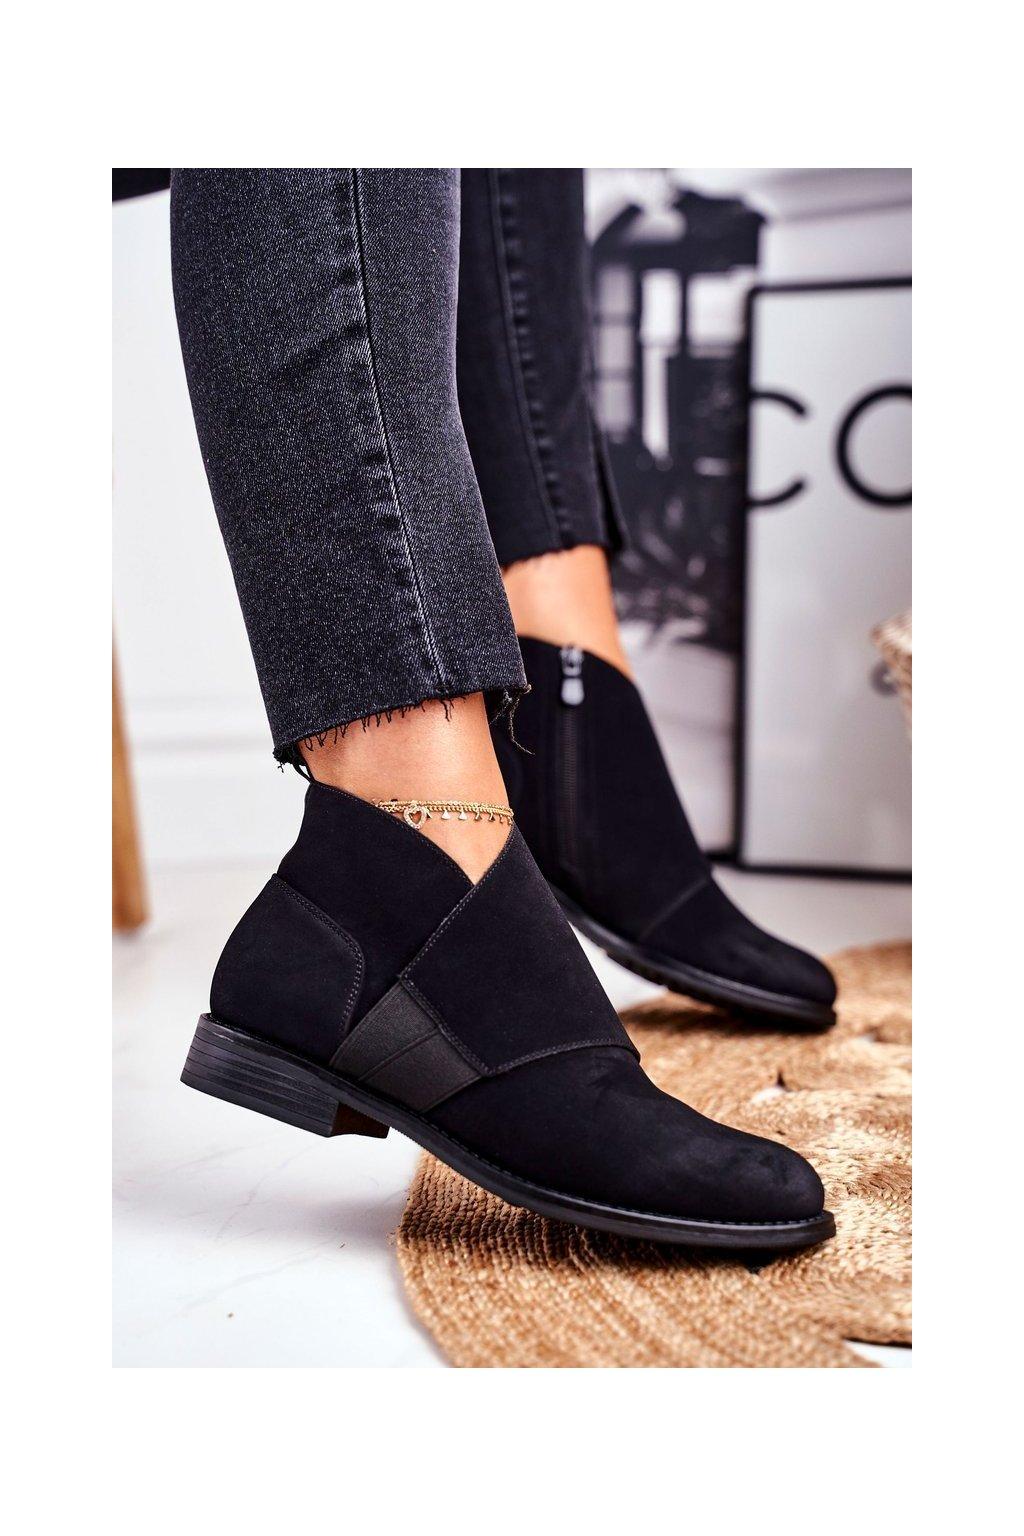 Členkové topánky na podpätku farba čierna kód obuvi 66-33 BLK